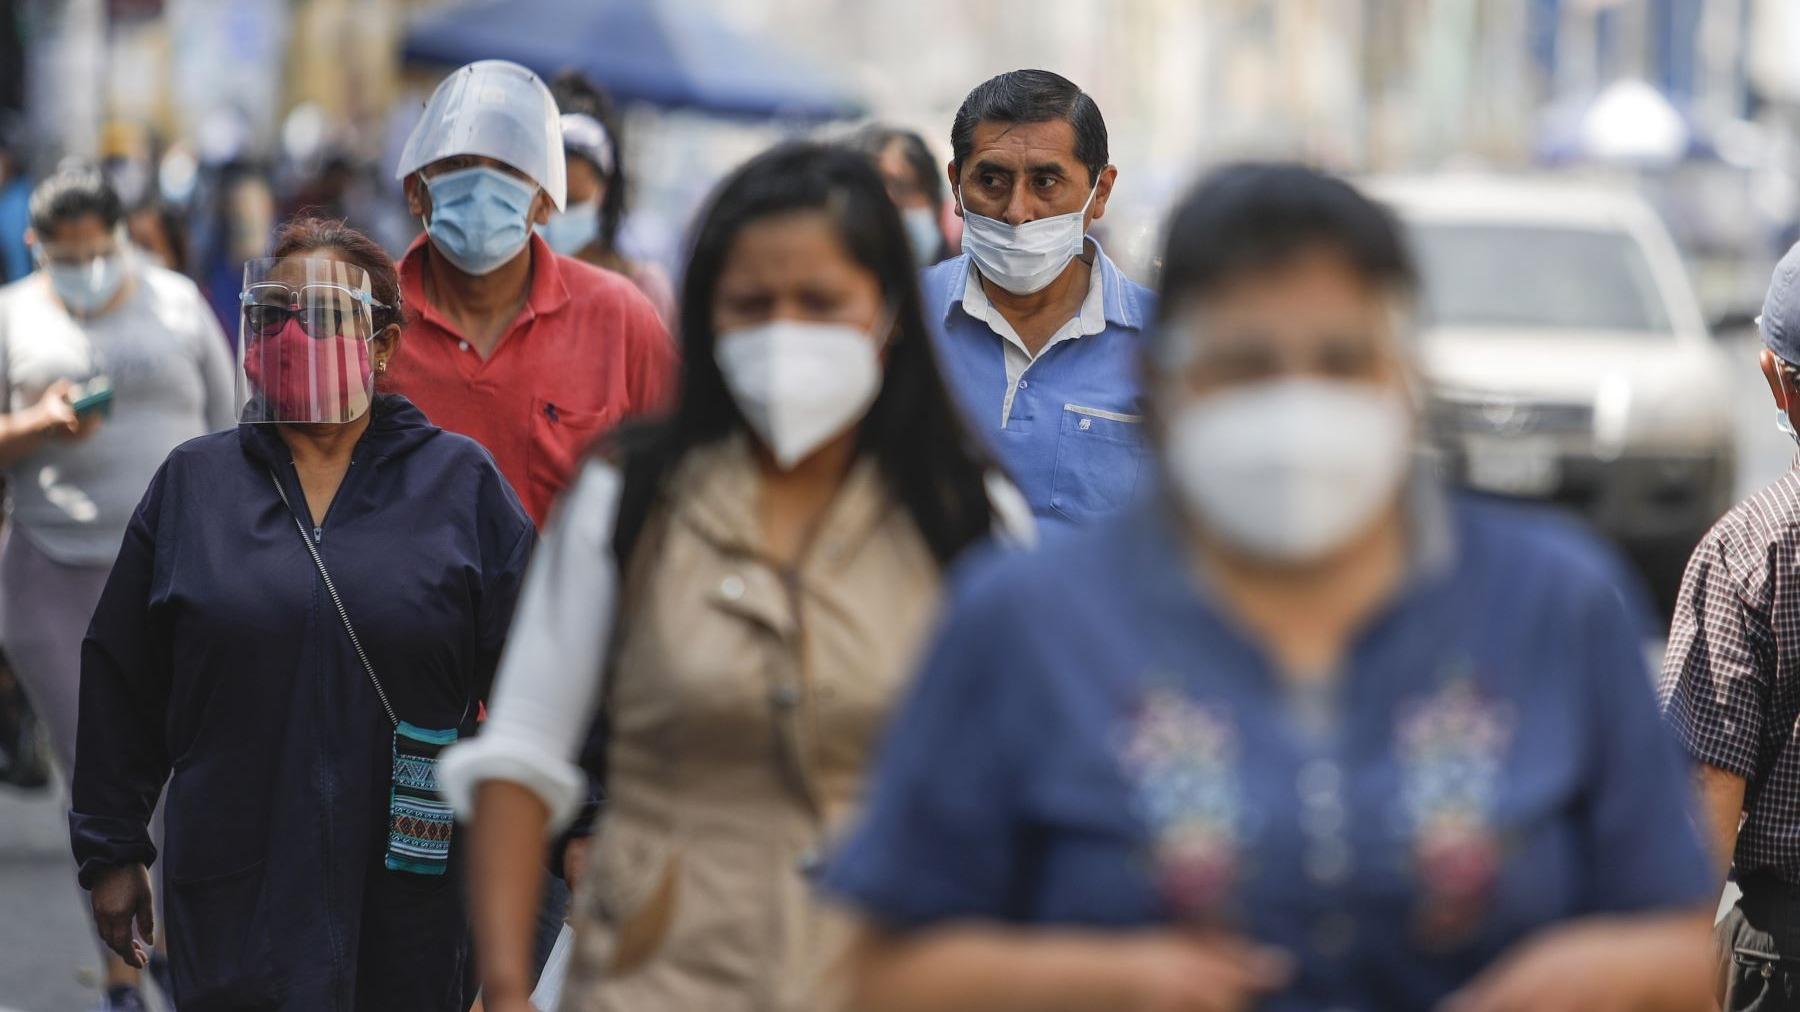 Defensoría del Pueblo insiste que el Gobierno distribuya mascarillas de calidad en zonas de alto riesgo de contagio